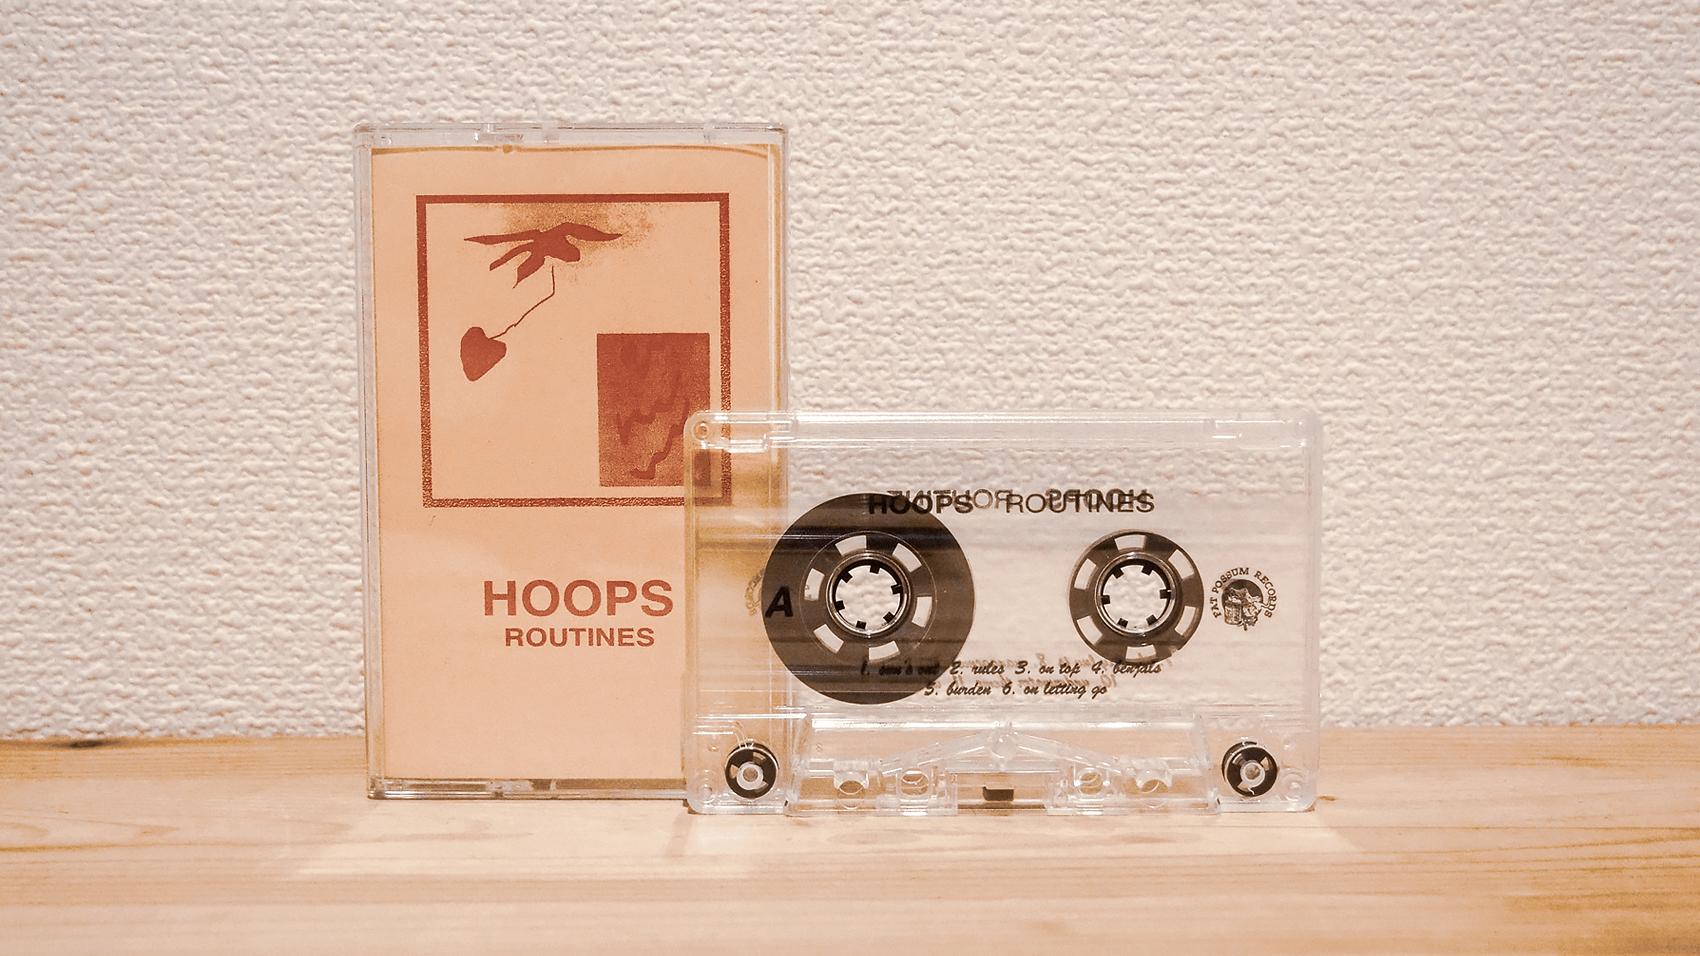 カセットテープを集めるきっかけになったHOOPSのアルバム「ROUTINES」